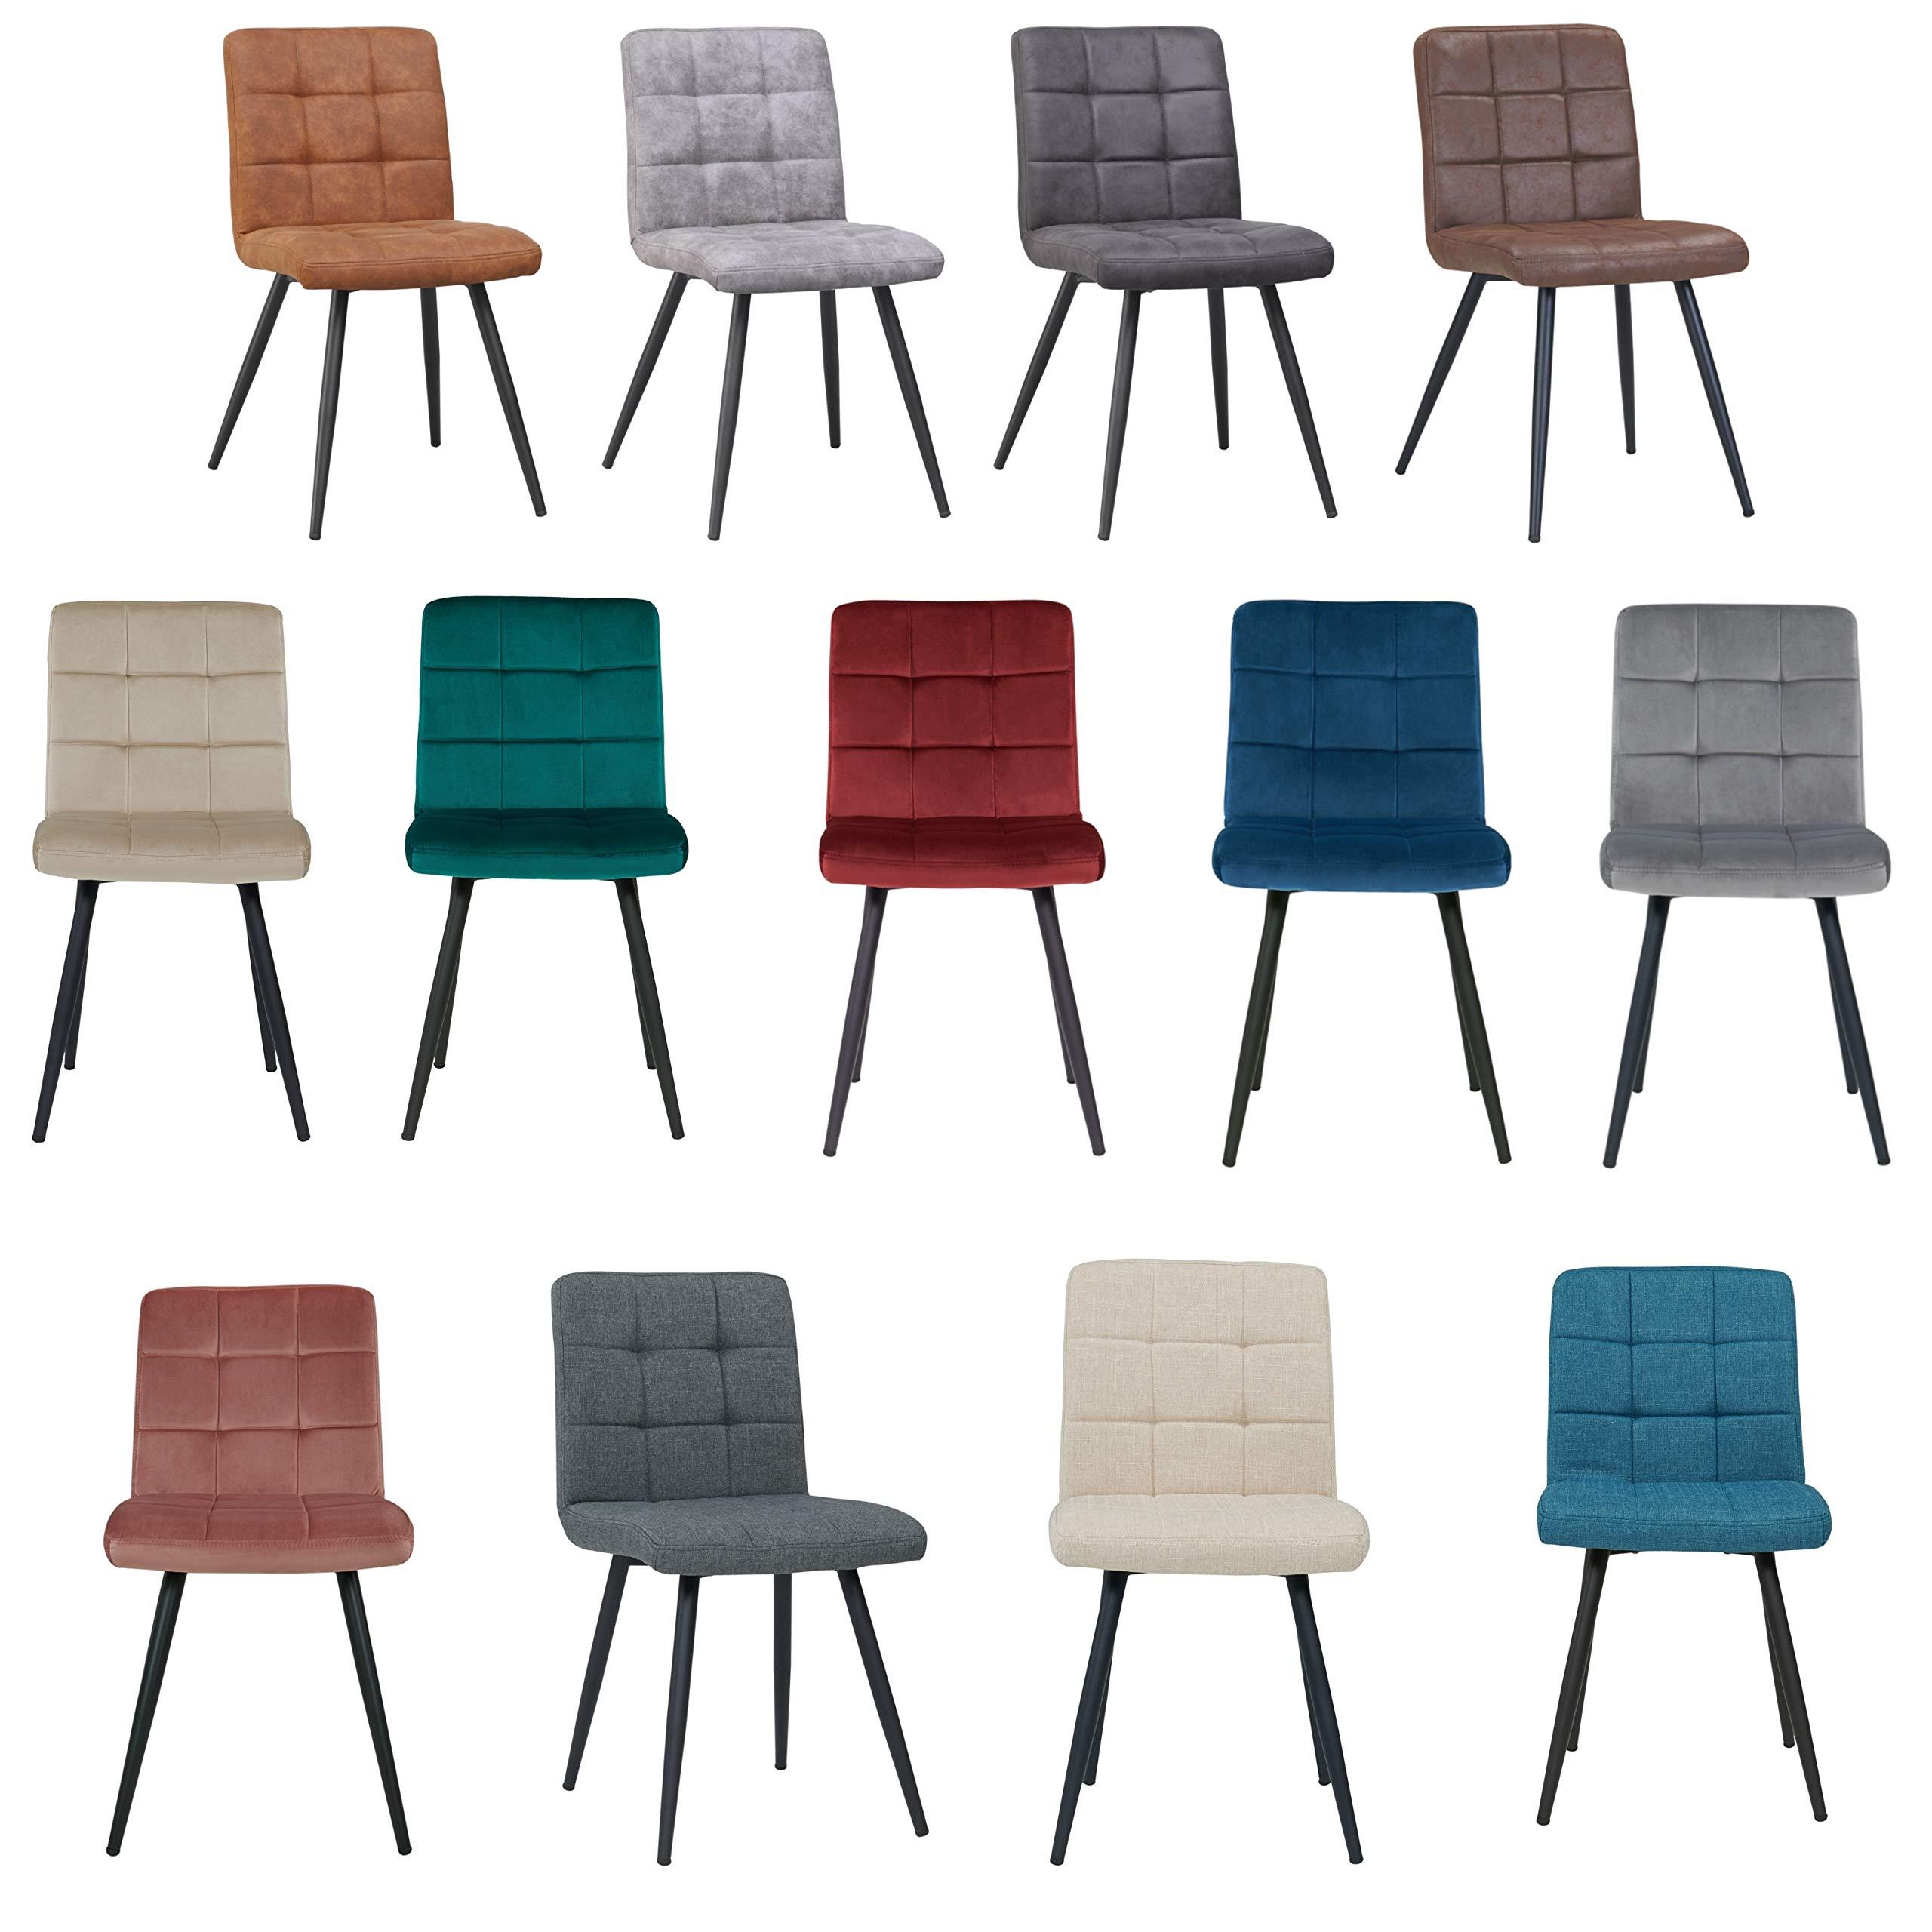 Duhome 2er Set Esszimmerstuhl aus Stoff Samt Creme Beige Farbauswahl Stuhl Retro Design Polsterstuhl mit Rückenlehne Metallbeine 8043B 1